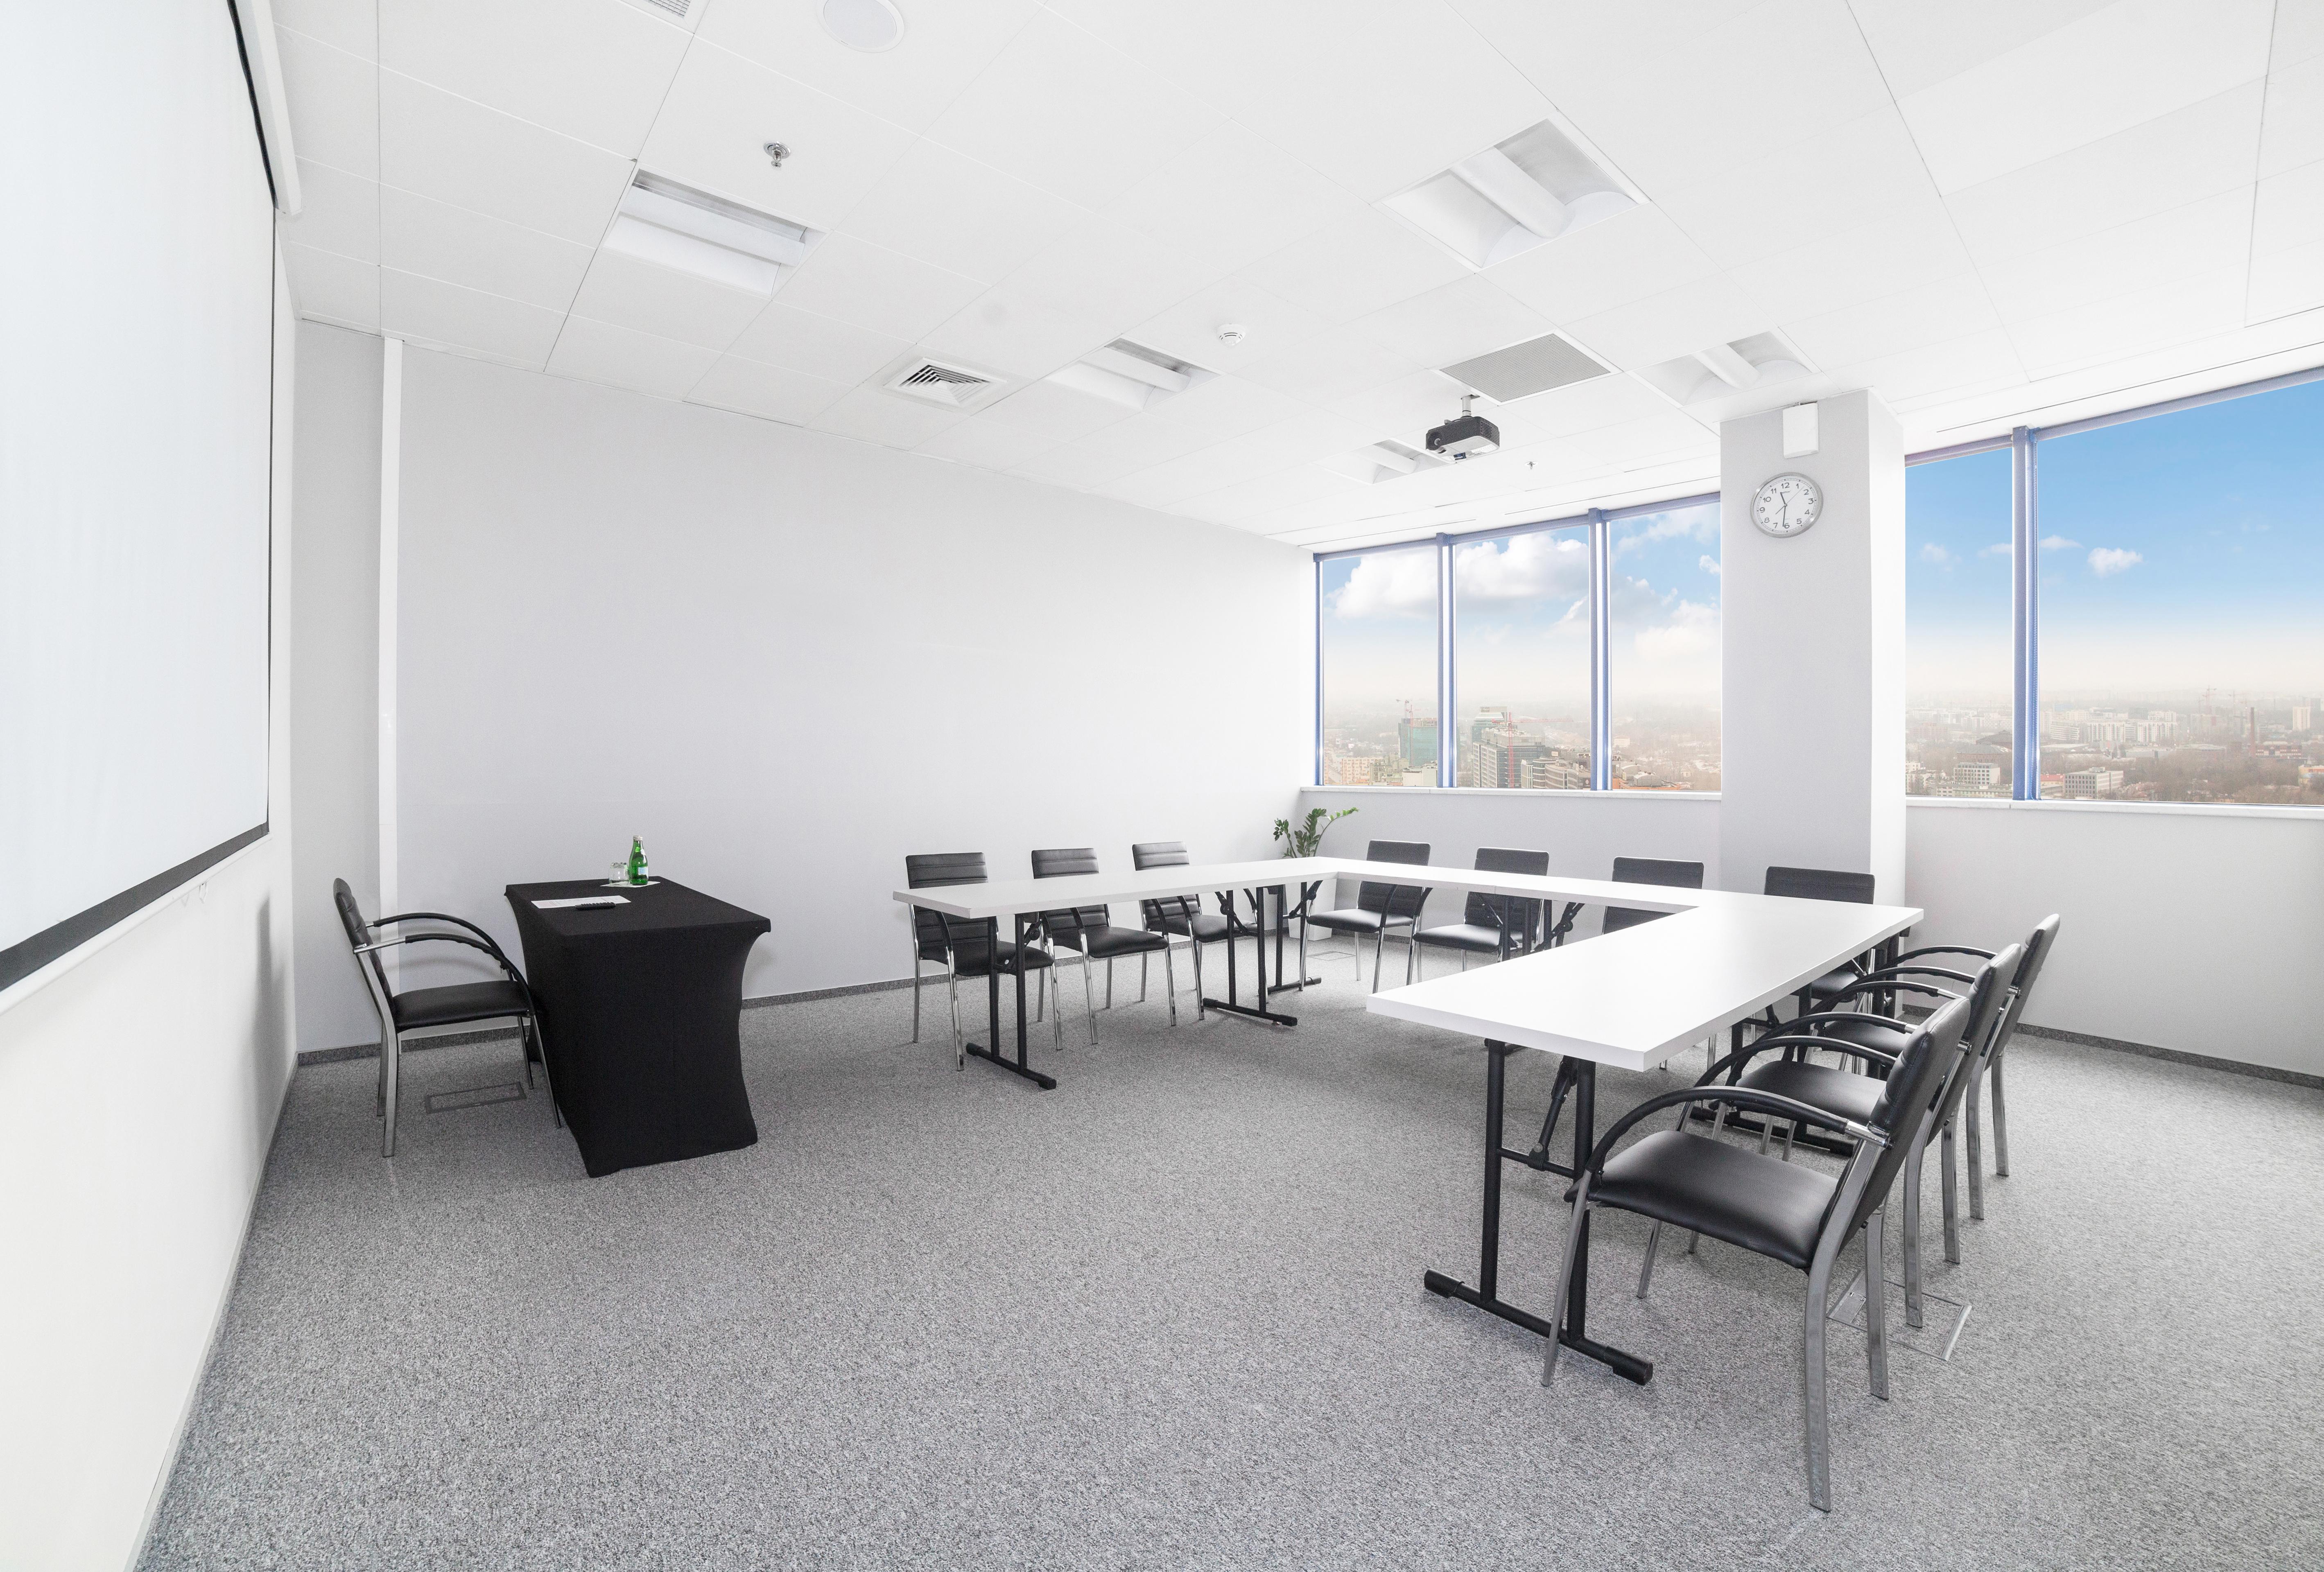 Sala szkoleniowo - konferencyjna 13 na wynajem Golden Floor Plaza, al. Jerozolimskie 123A, Warszawa Centrum